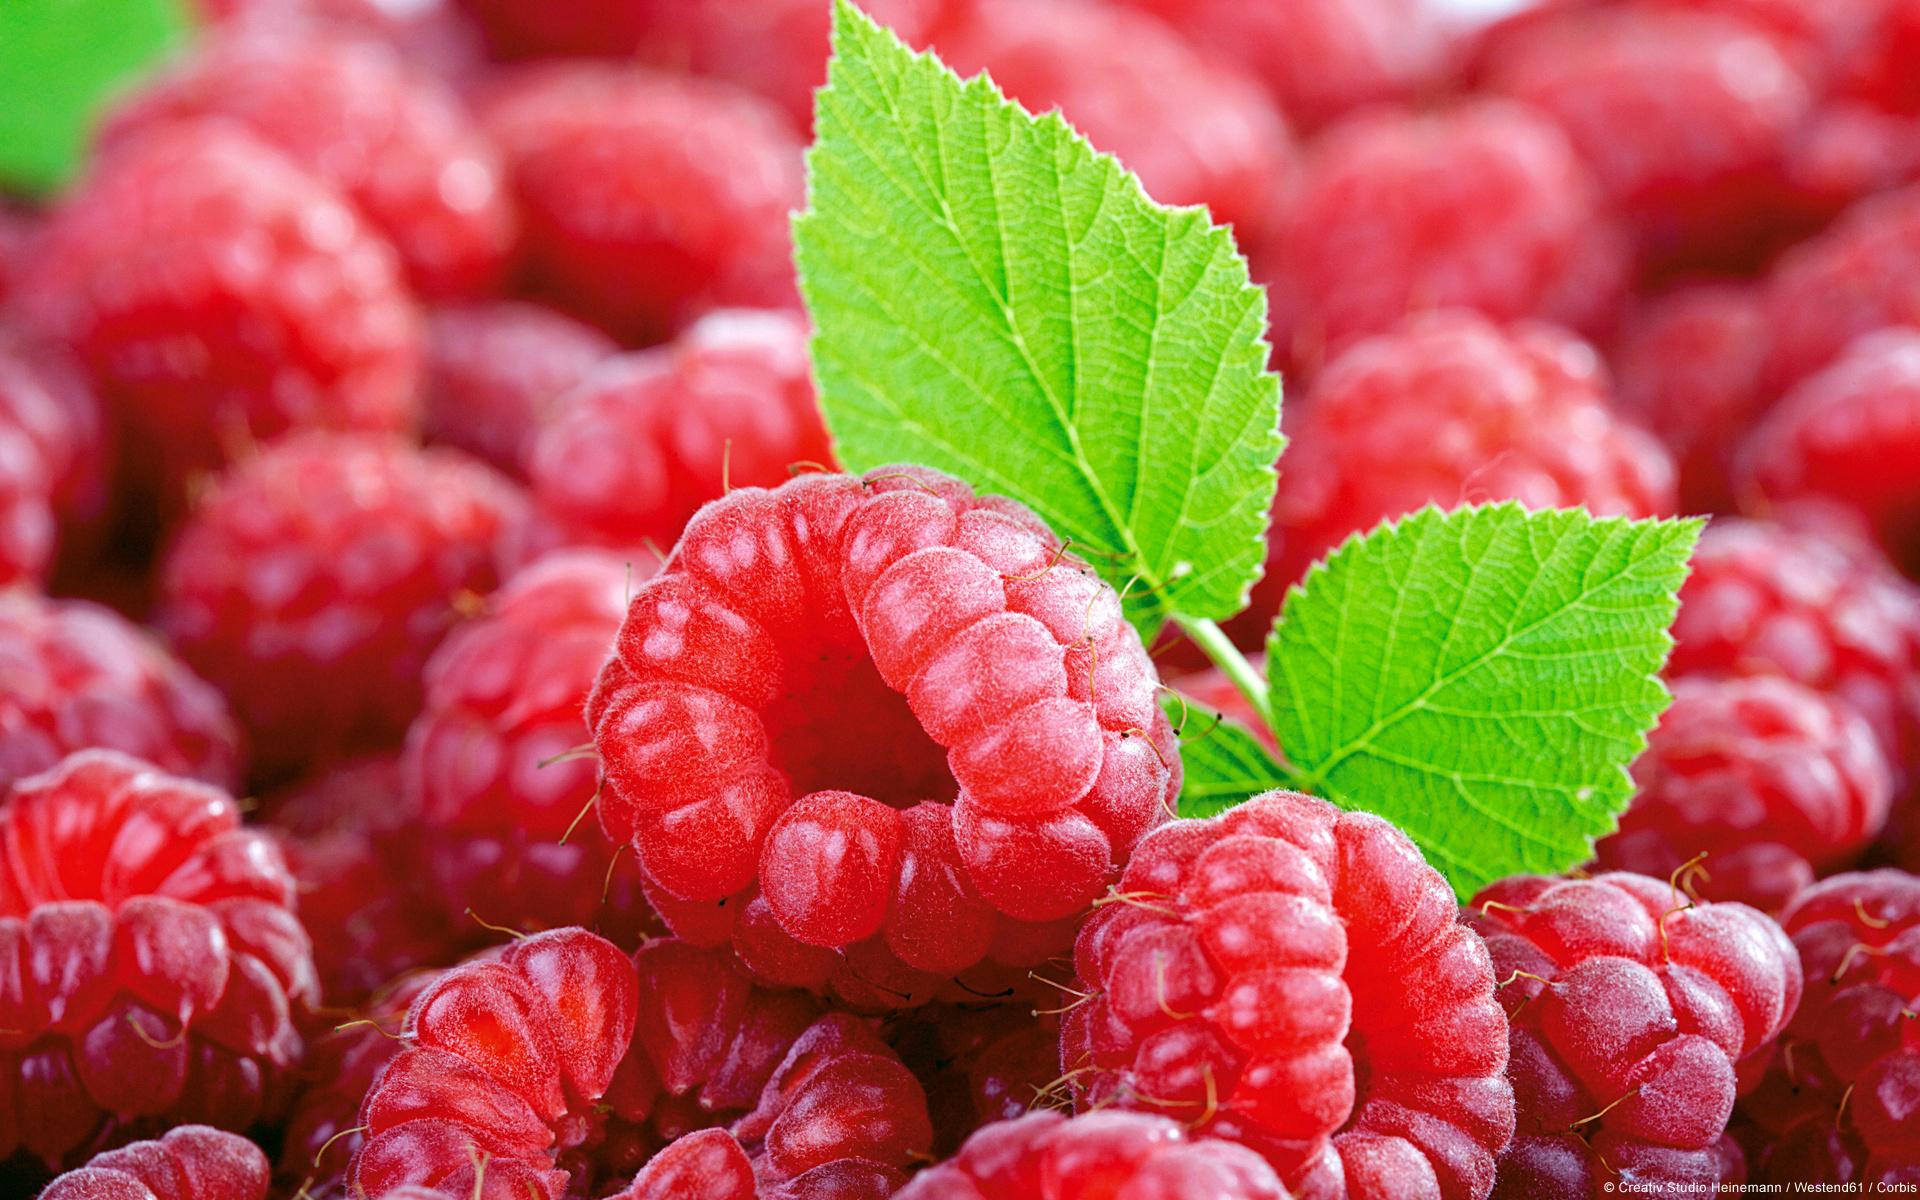 картинки с ягодами очень красивые изготовить такую доску